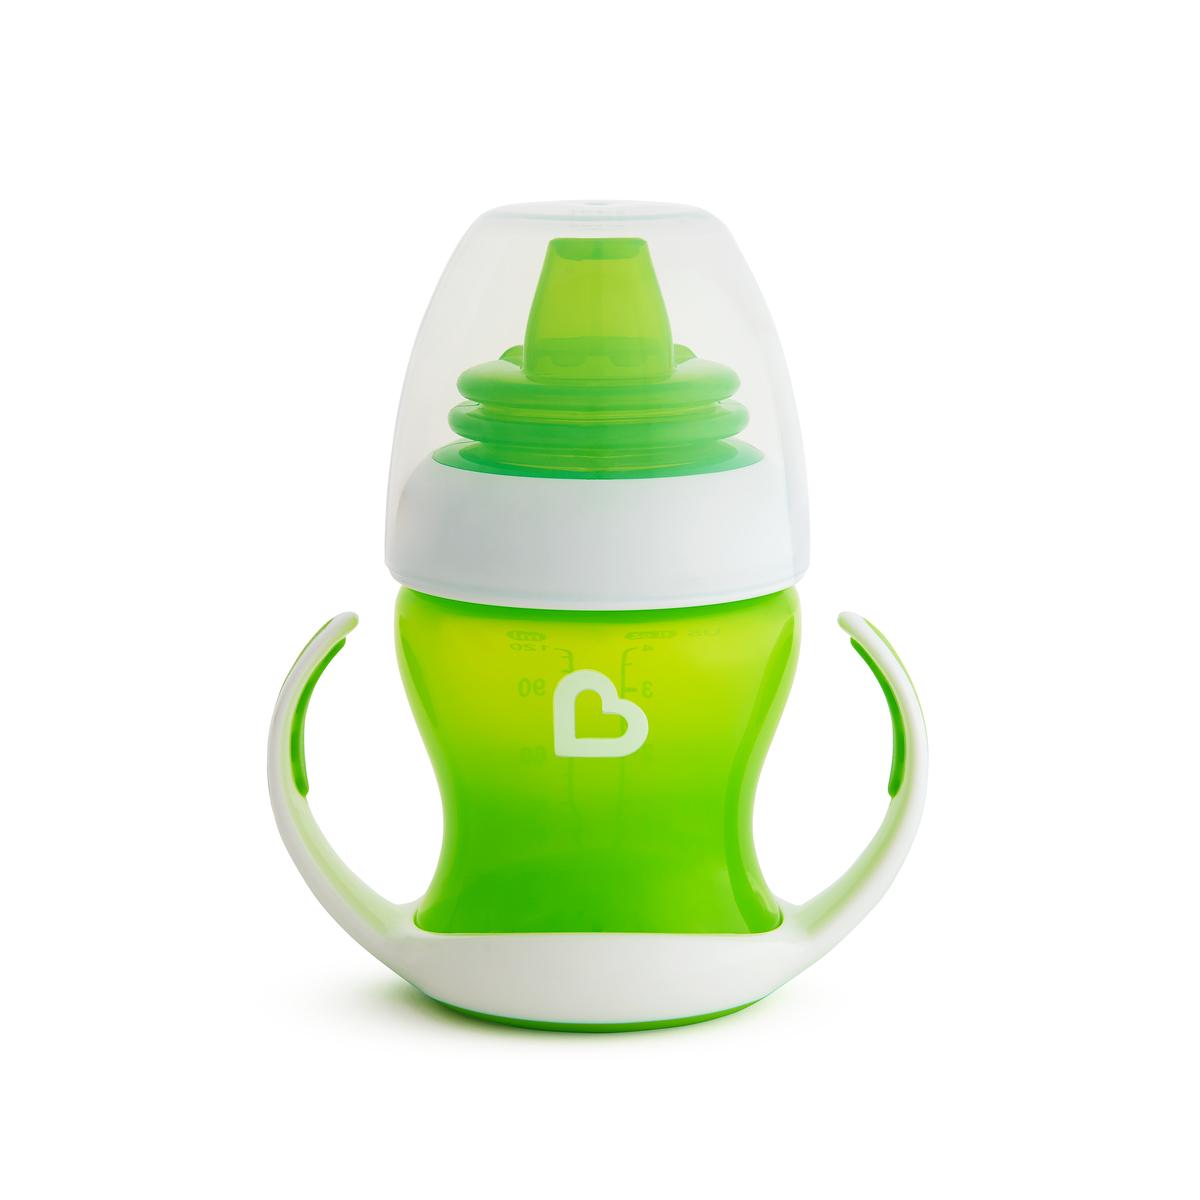 Εκπαιδευτικό πράσινο ποτήρι Gentle first cup Munchkin